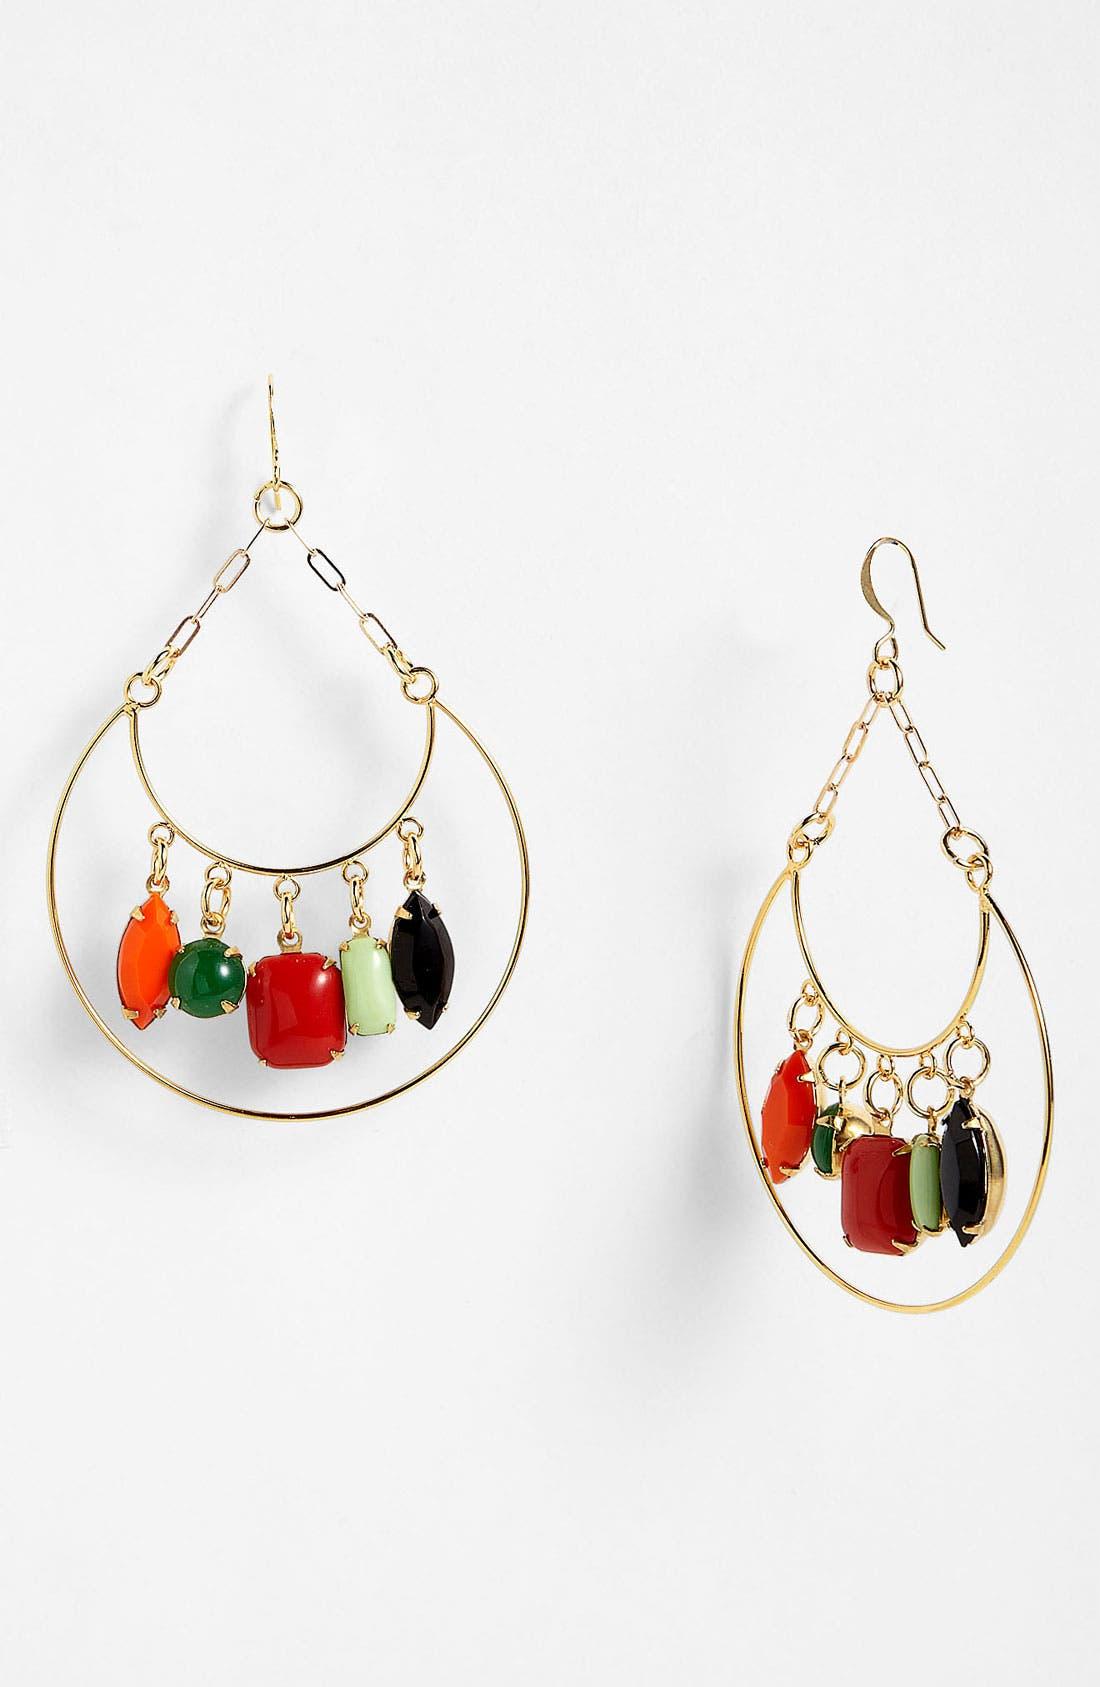 Alternate Image 1 Selected - Verdier Jewelry 'Multi Vintage Glass' Chandelier Earrings (Nordstrom Exclusive)